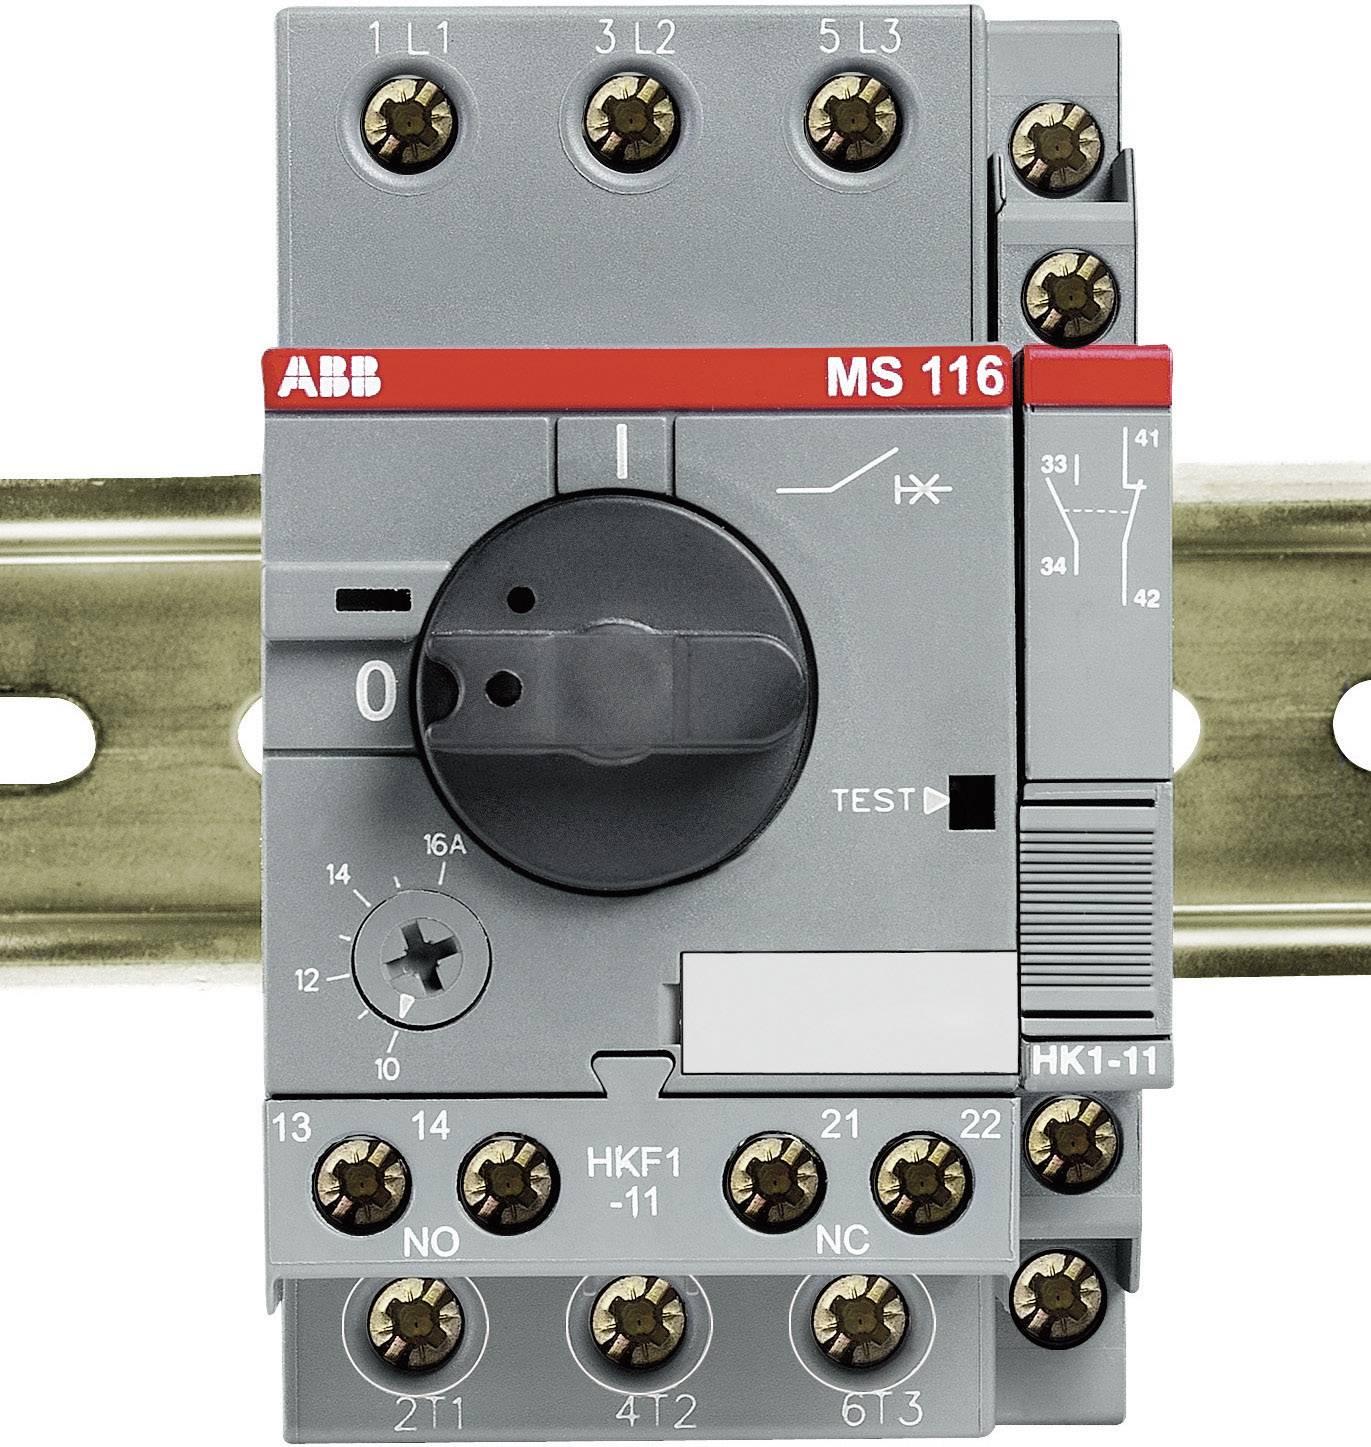 used NHI11-PKZ0 Hilfsschalter 2x Klöckner-Moeller PKZM0-2,5 Schutzschalter